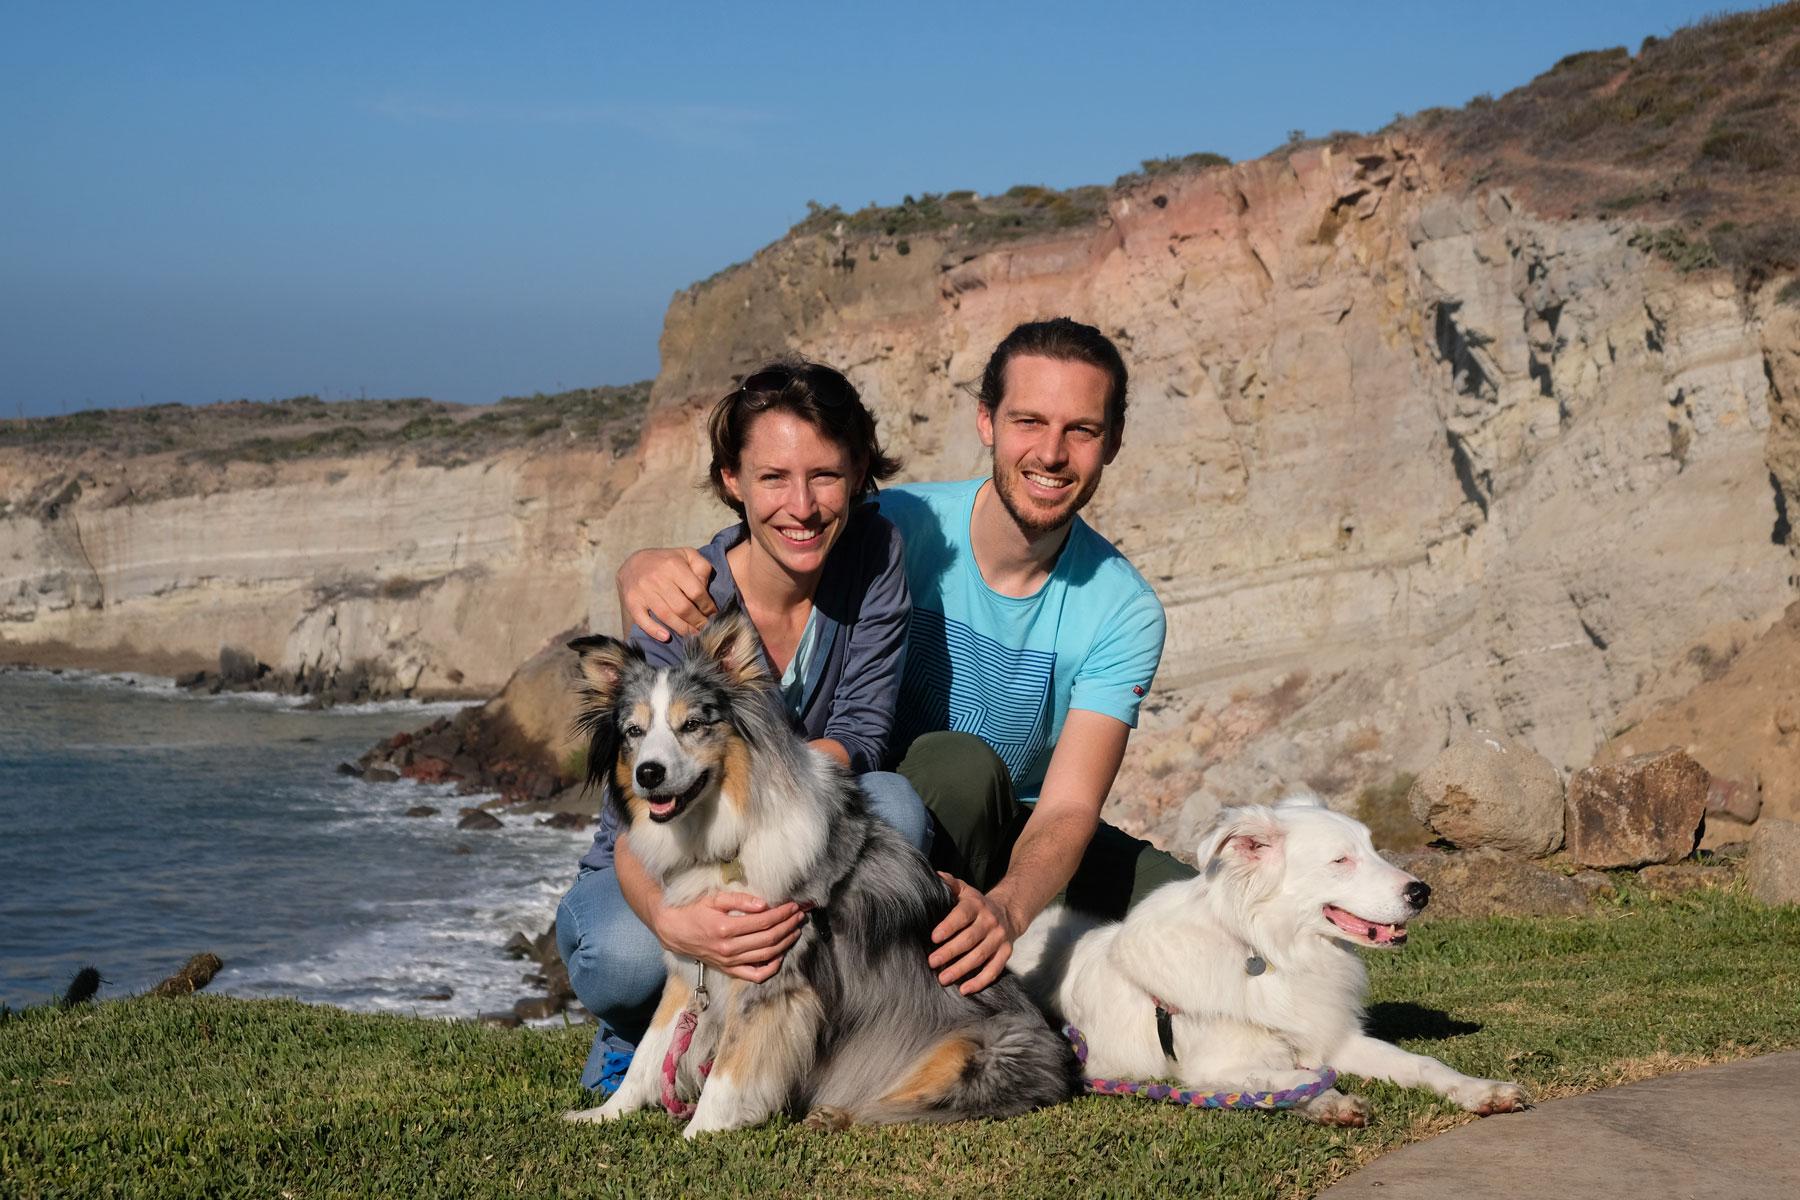 Leo und Sebastian mit ihren House Sitting Hunden Ellie und Bodhi in Mexiko.